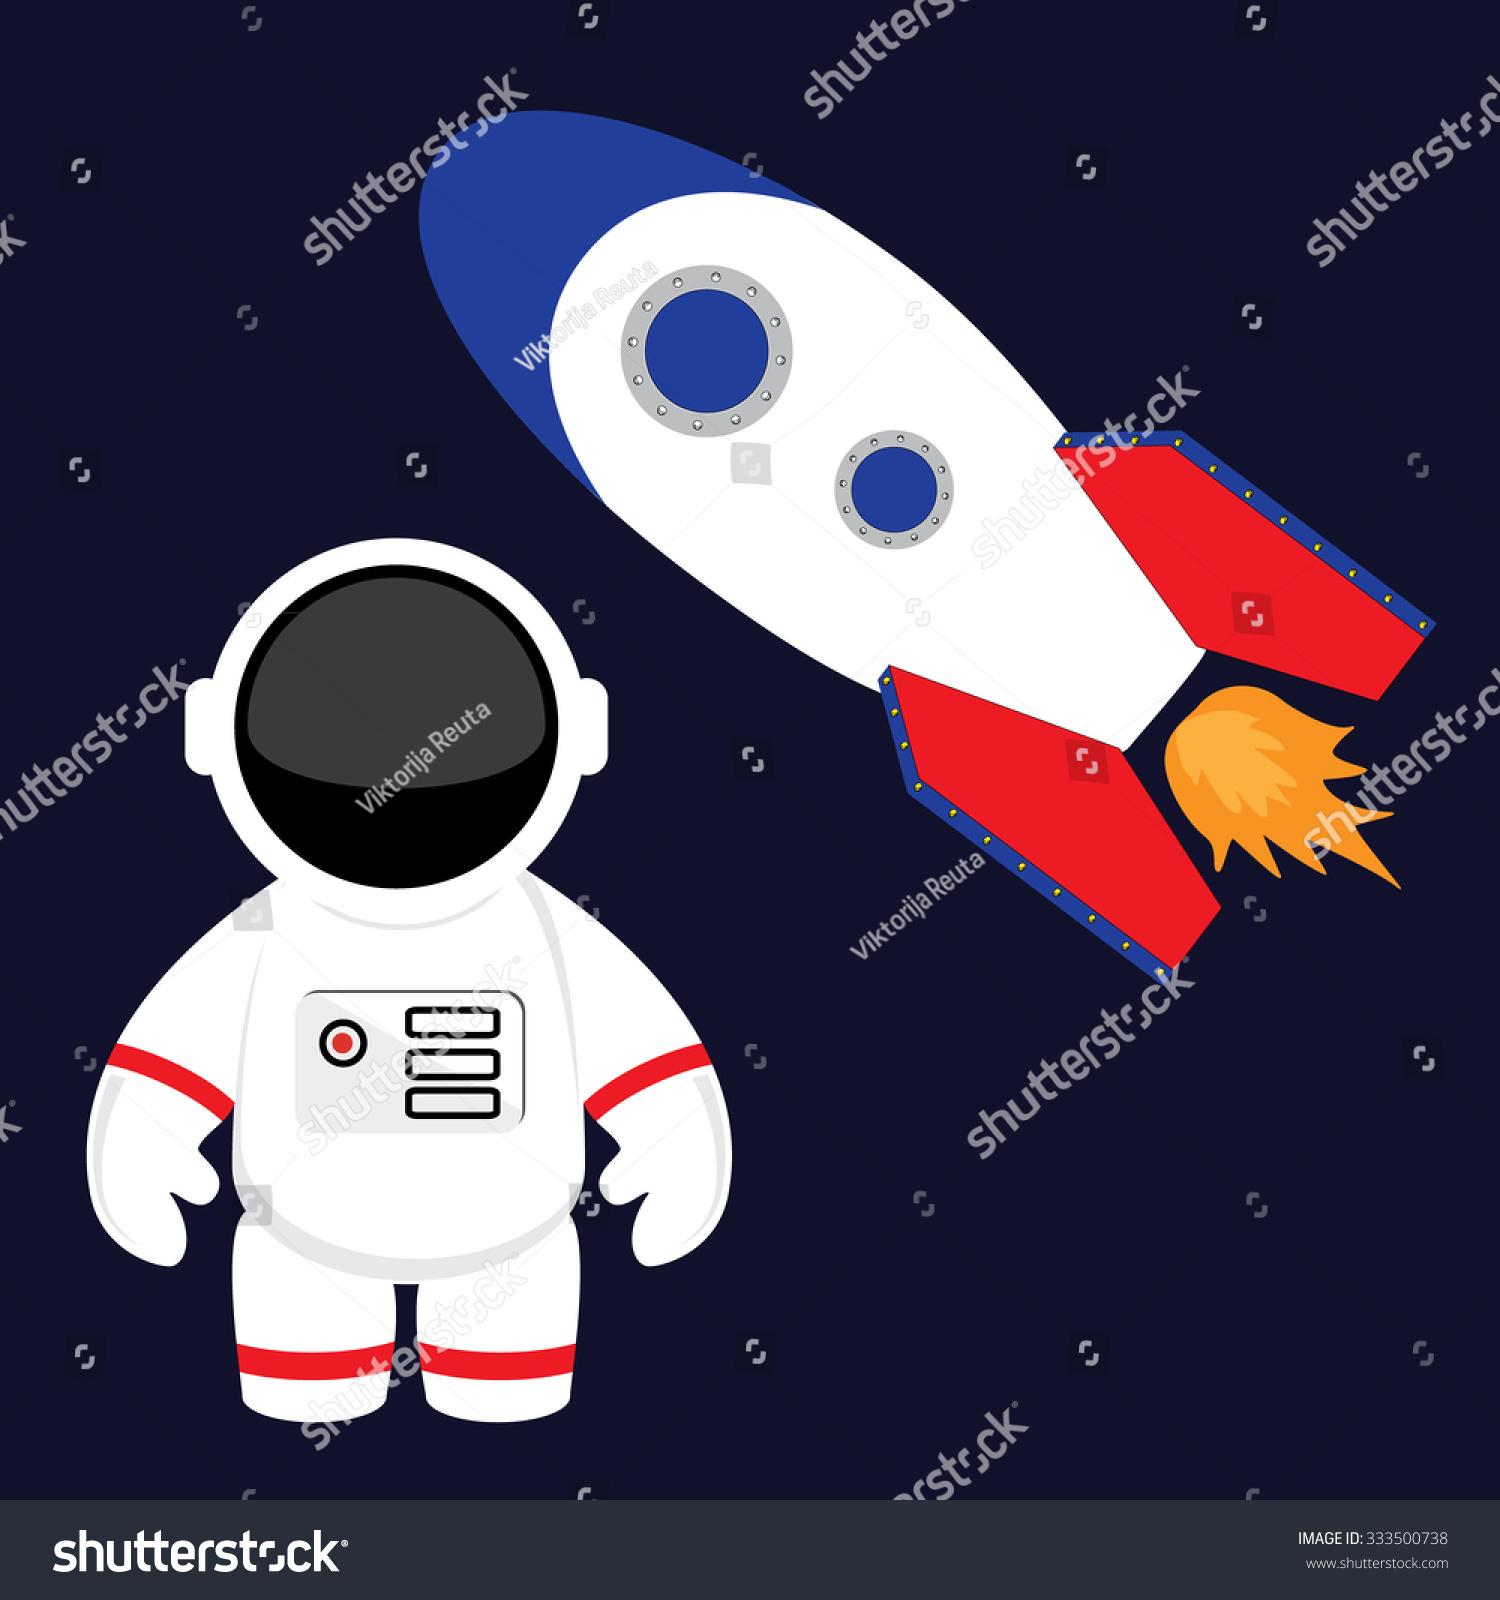 rocket space suit illustrations - photo #1